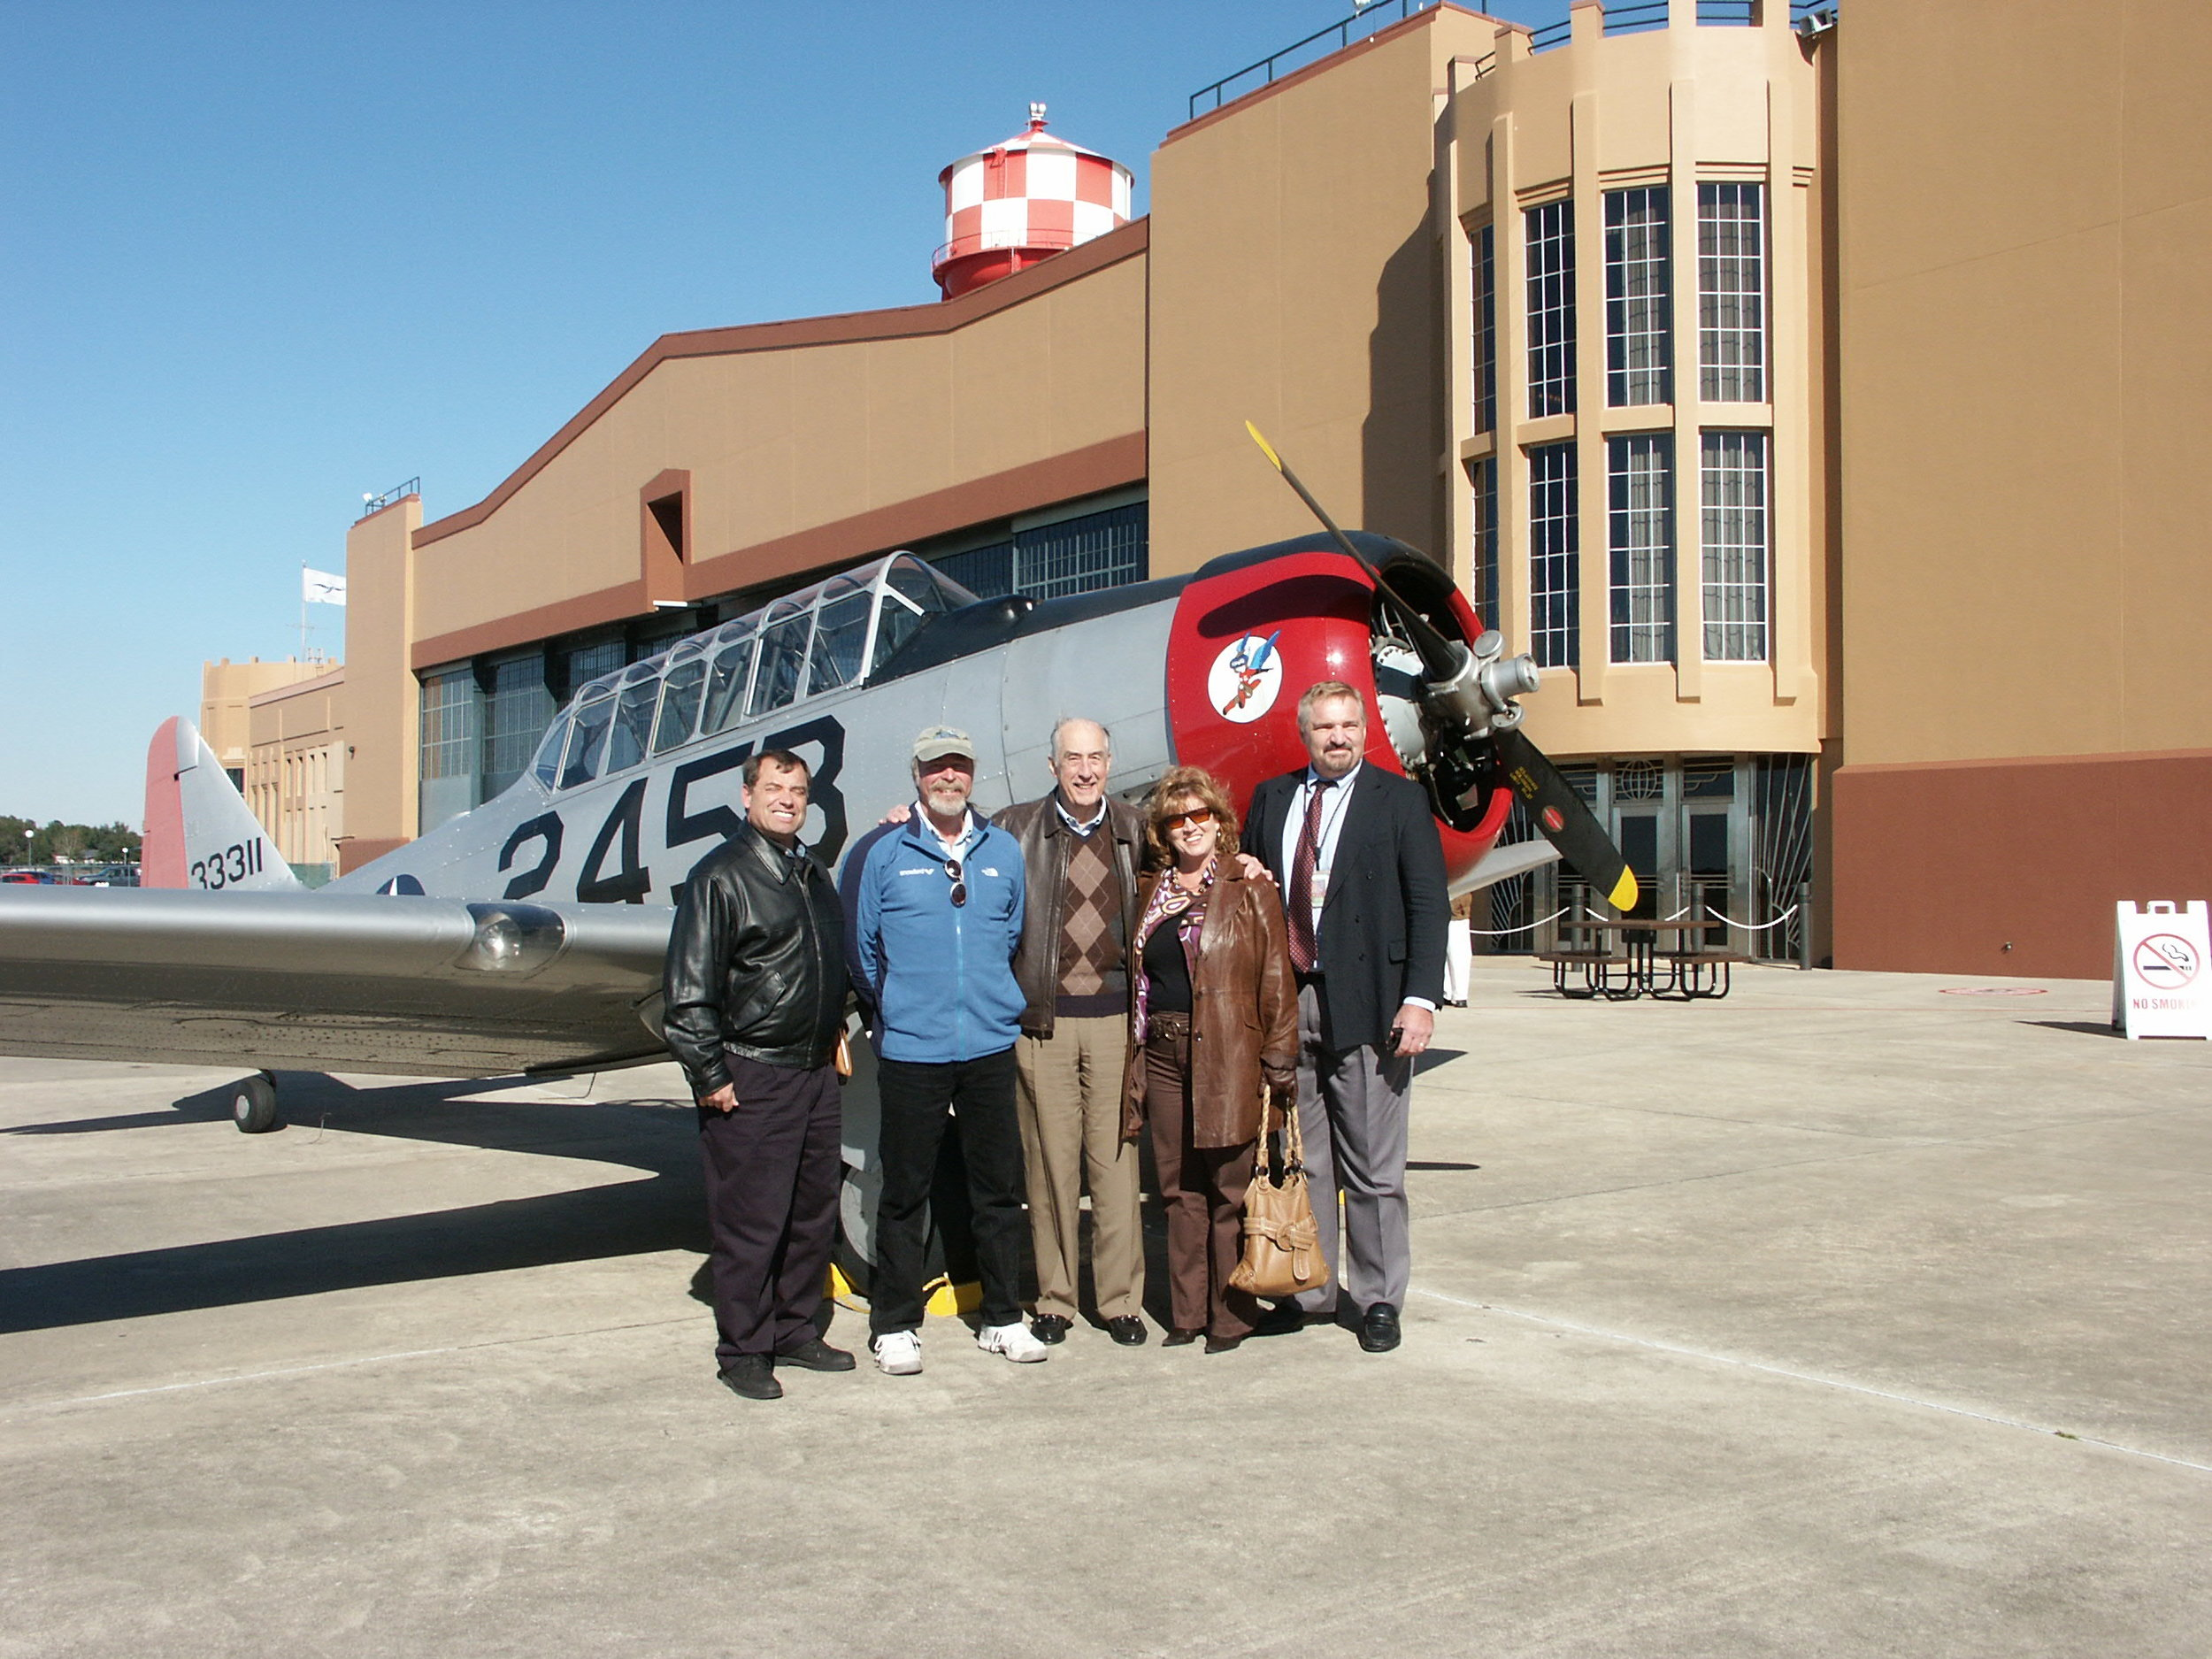 Tanker Snyder, Kermit Weeks, Me, Colleen Picard & John Dahl - 2, 6 Jan '10.jpg